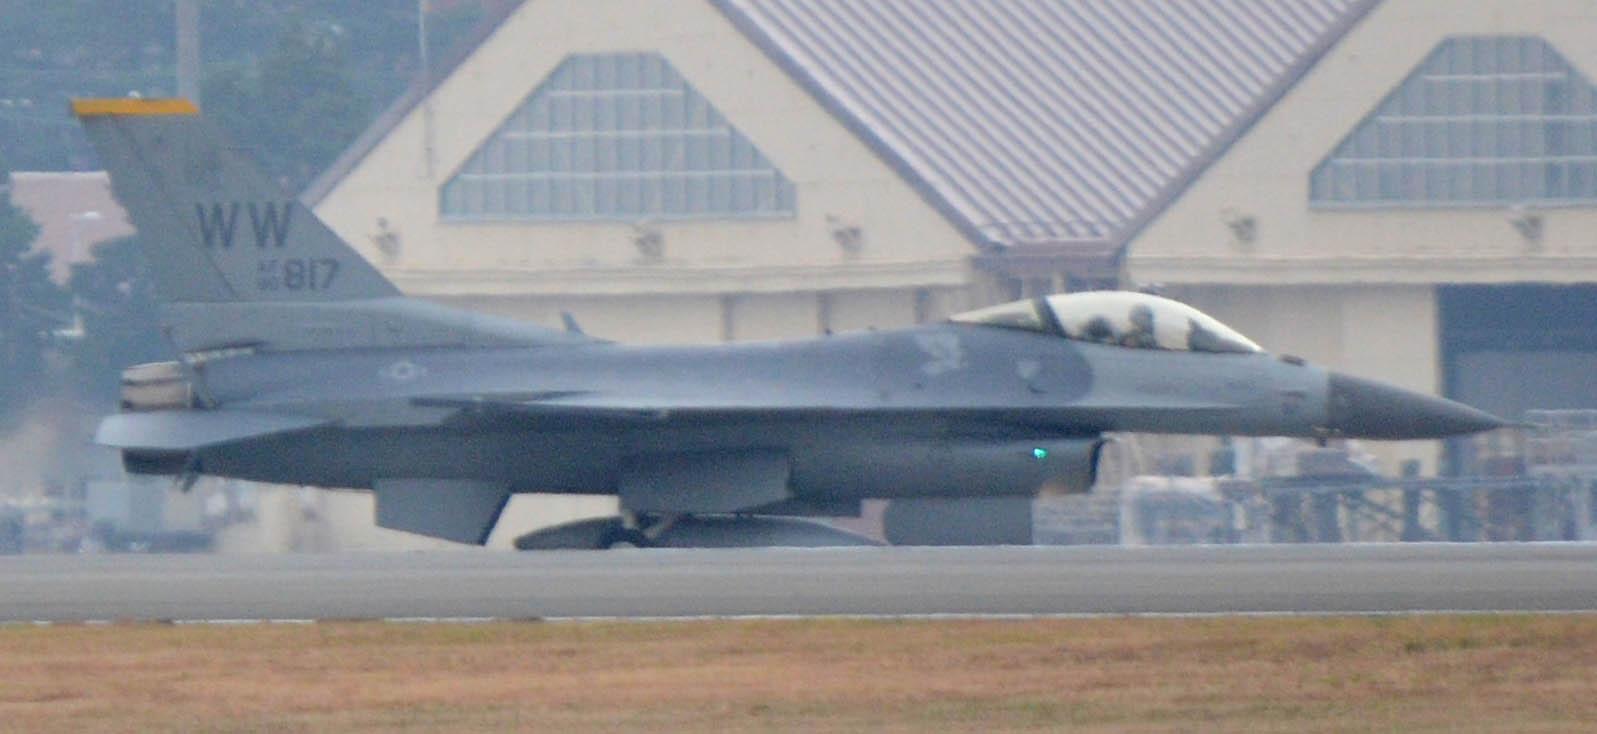 F16cj121130g866